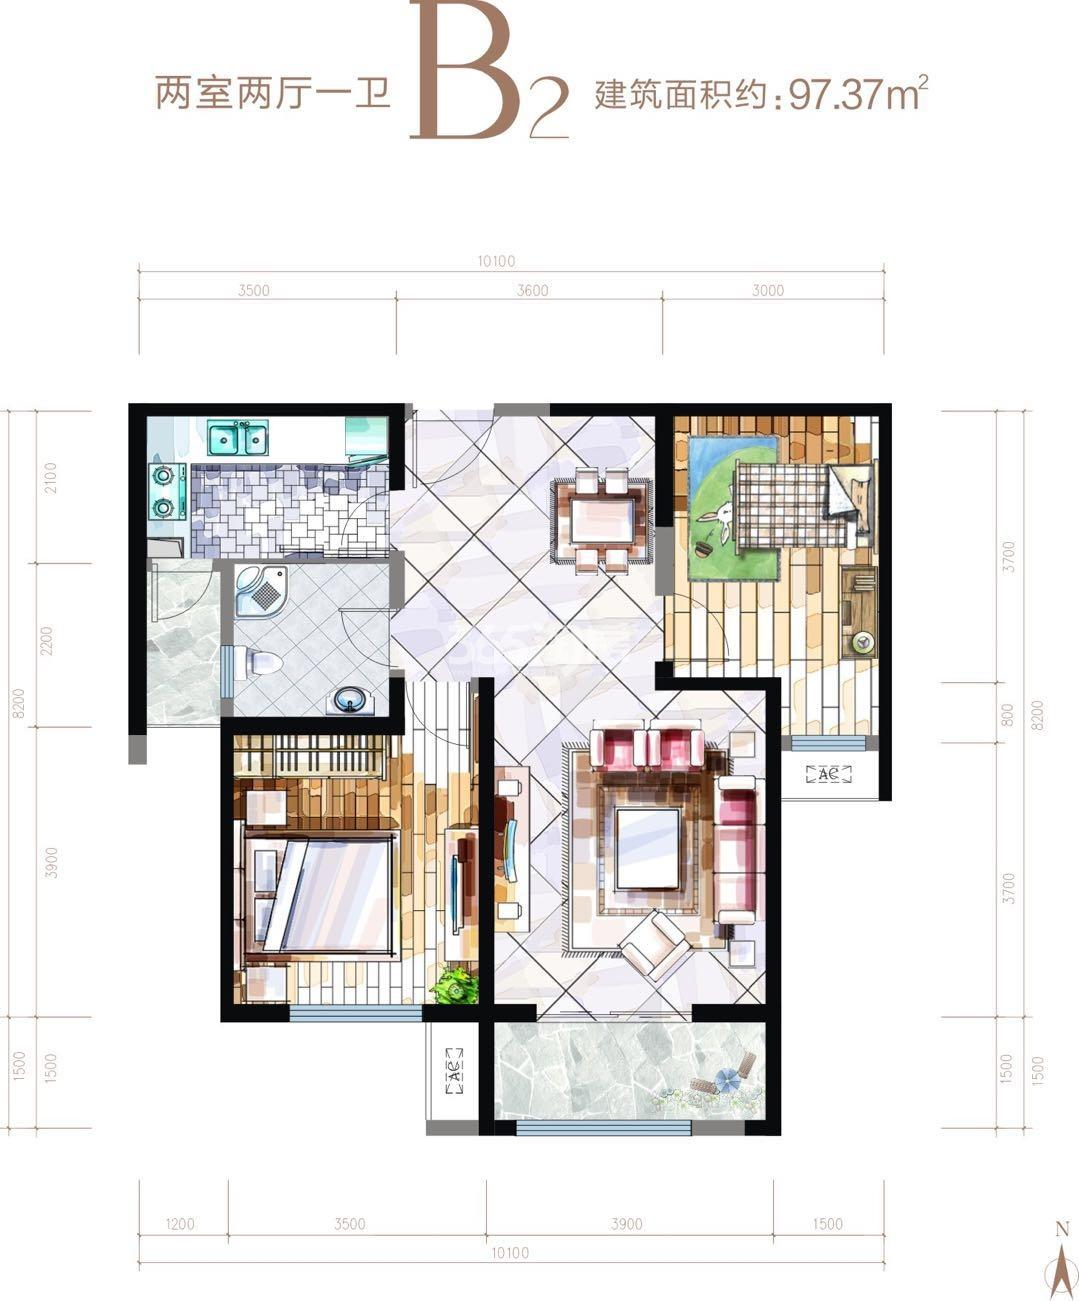 华安紫竹苑B2户型两室两厅一厨一卫97.37㎡